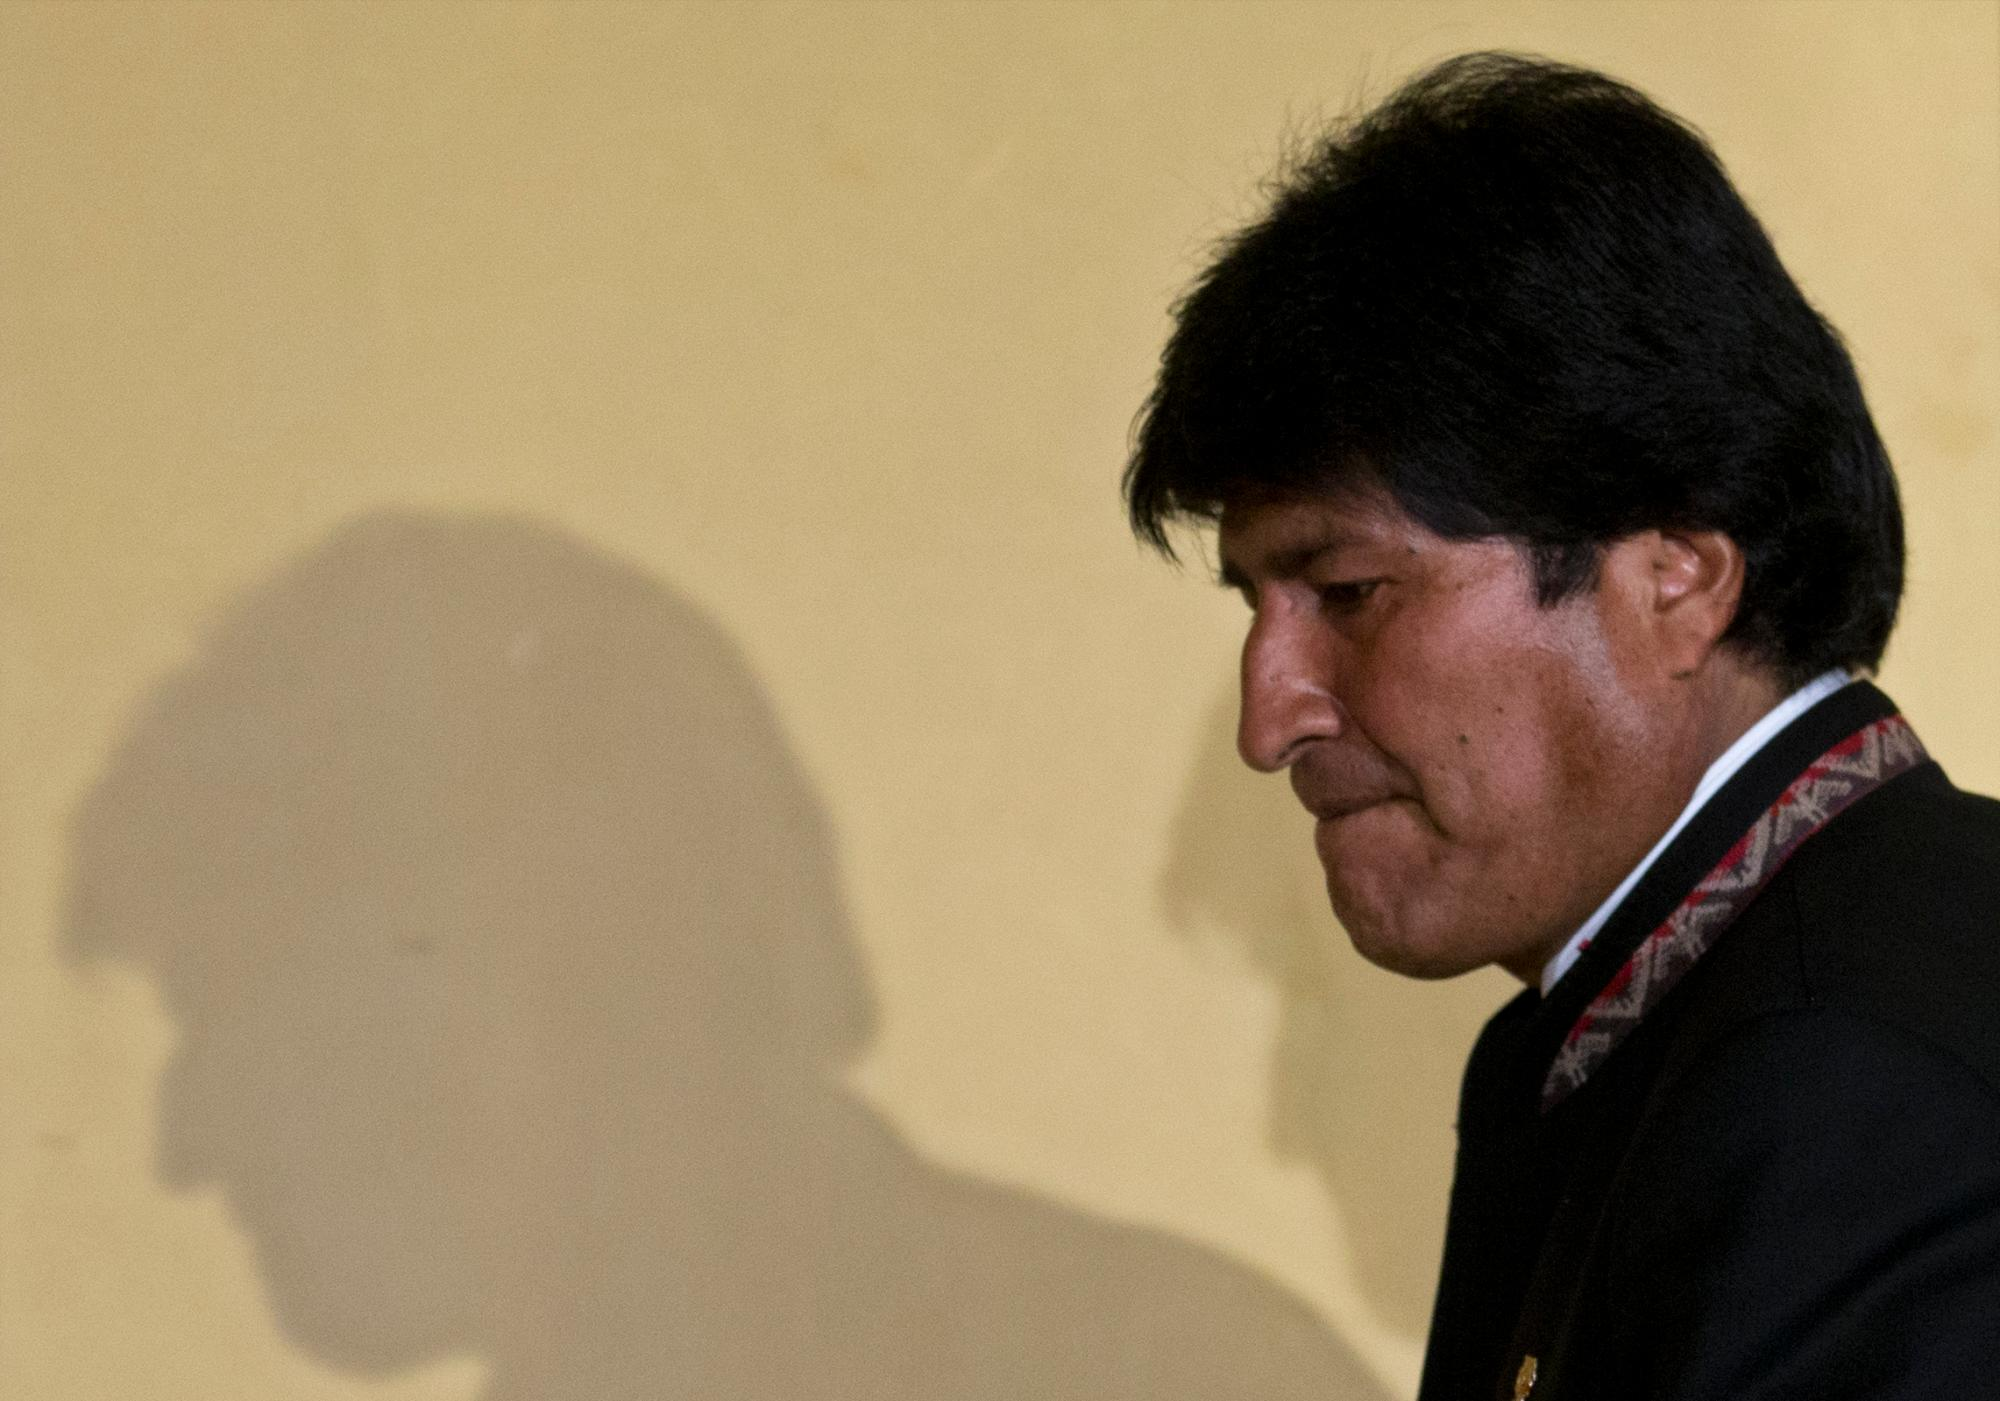 La dramática caída de Evo Morales, el líder indígena que acabó en caudillo